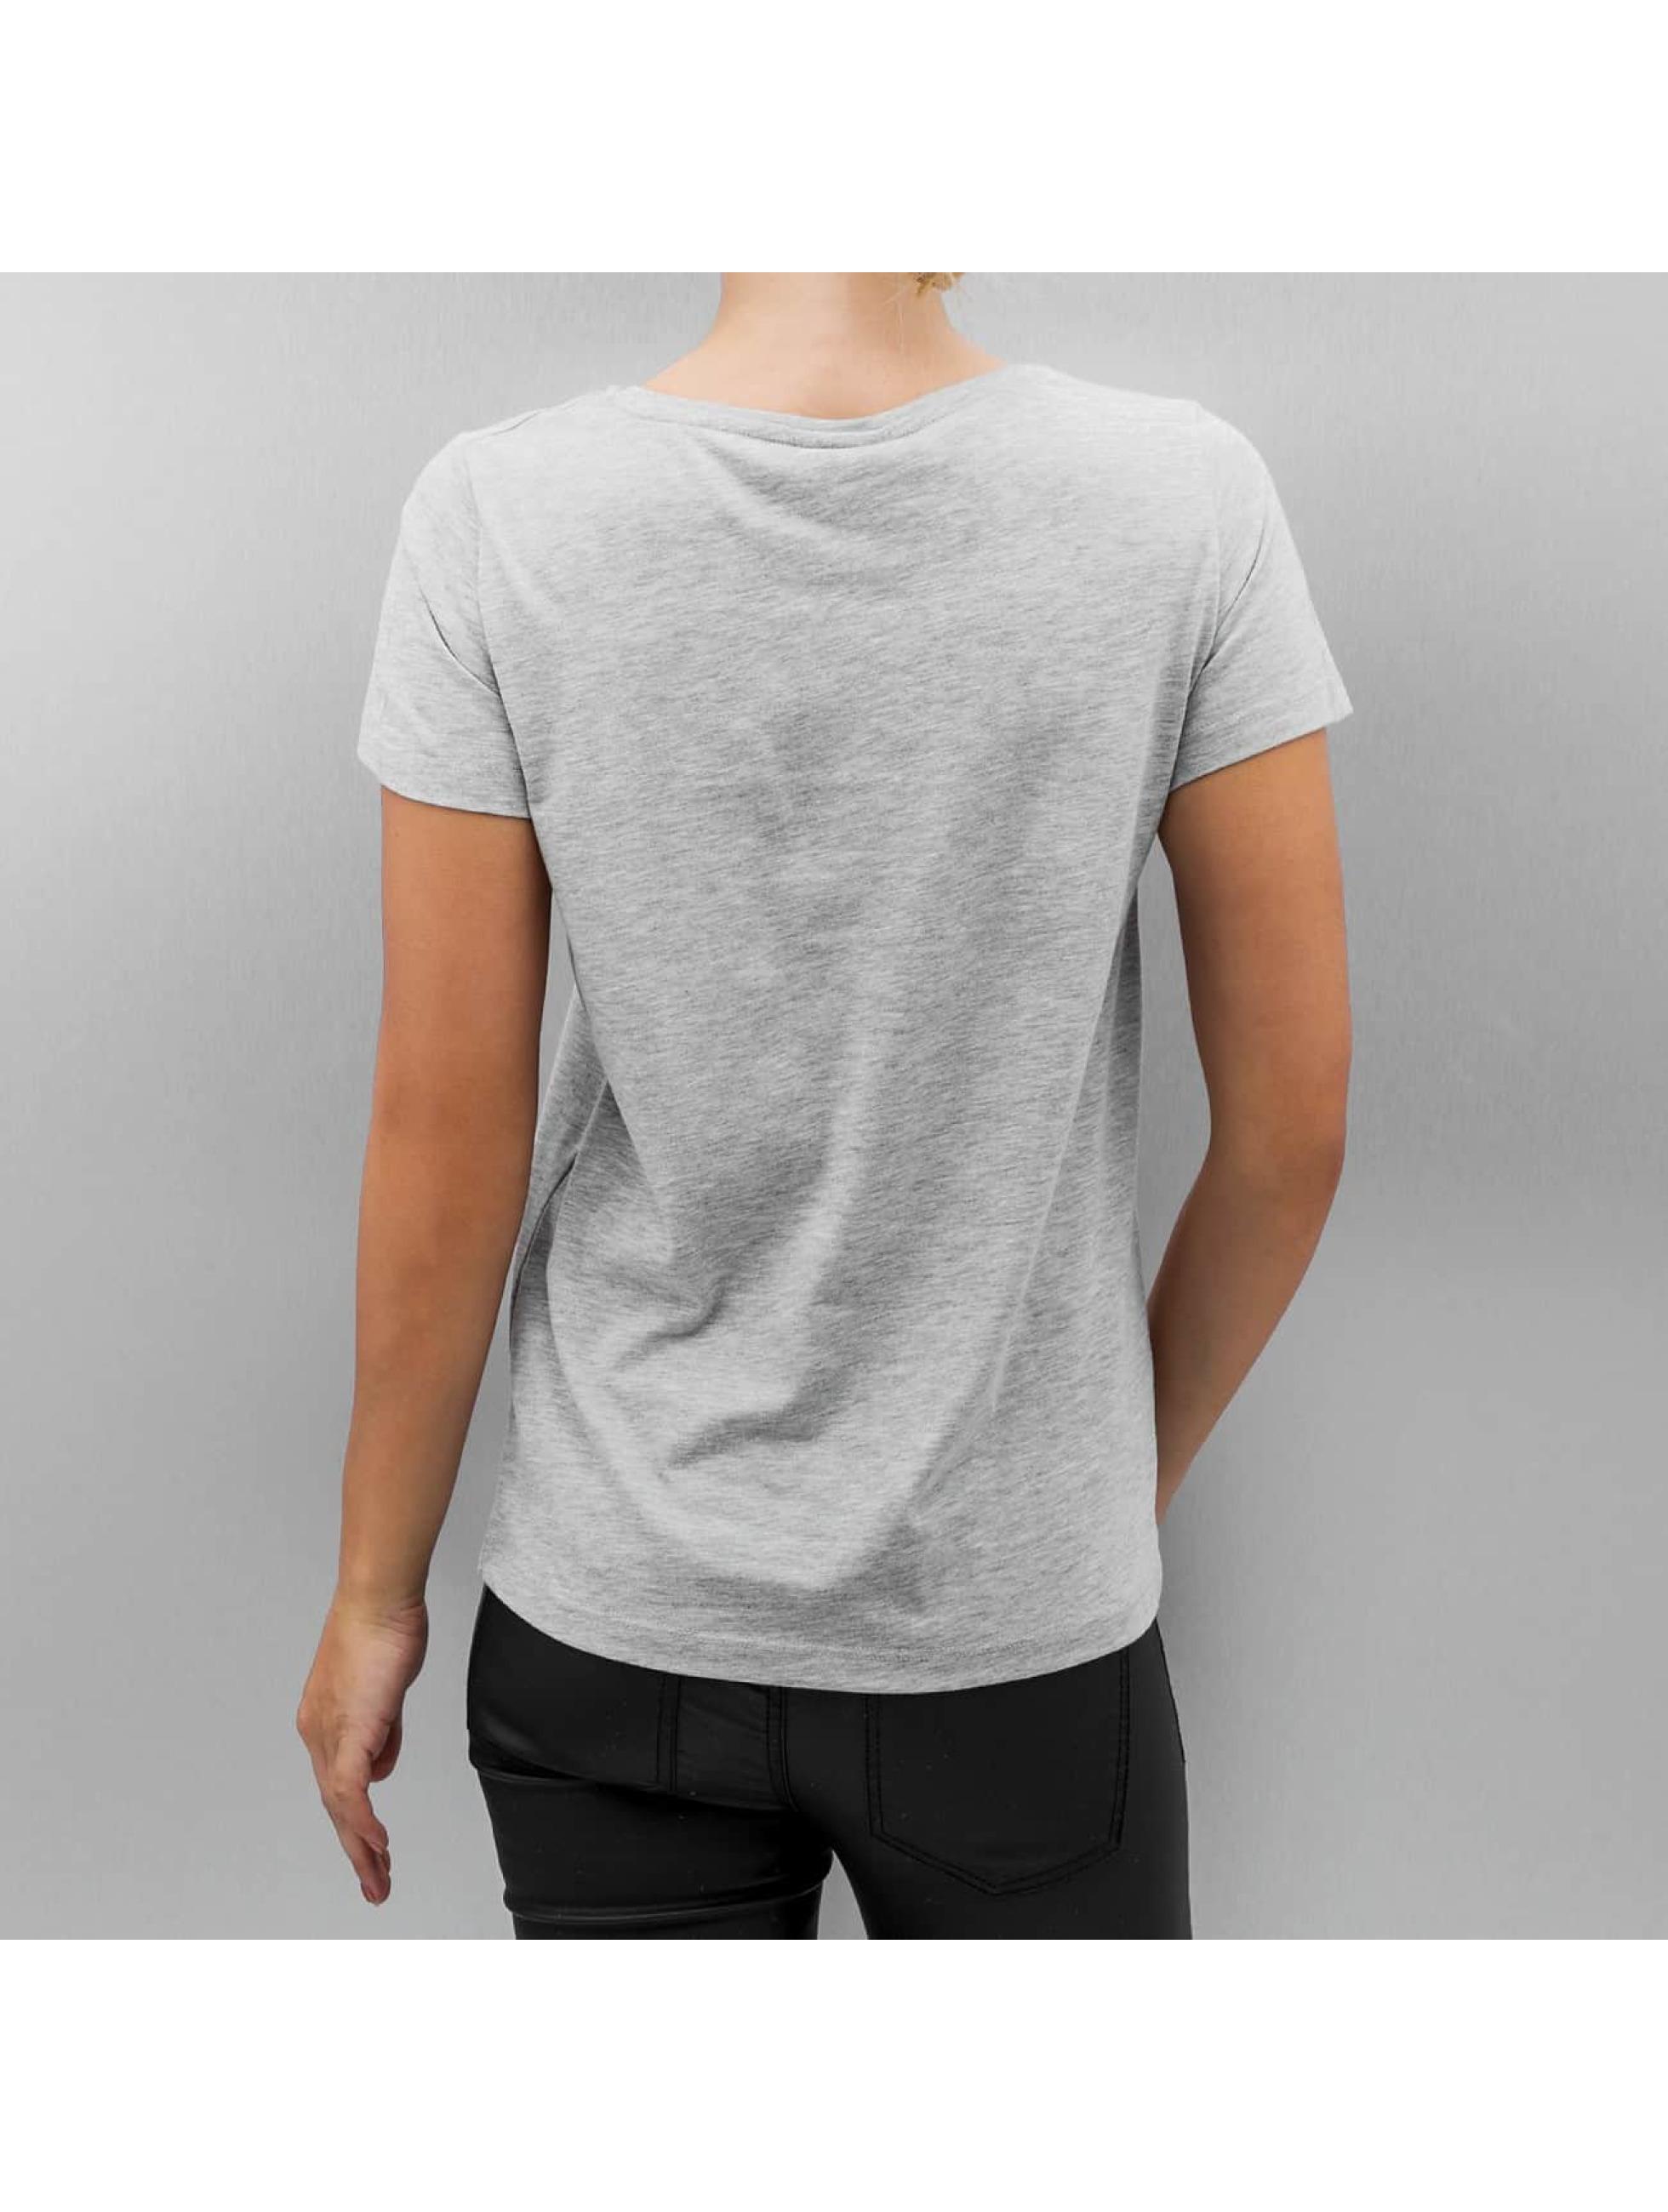 Vero Moda T-shirt VmMy grå